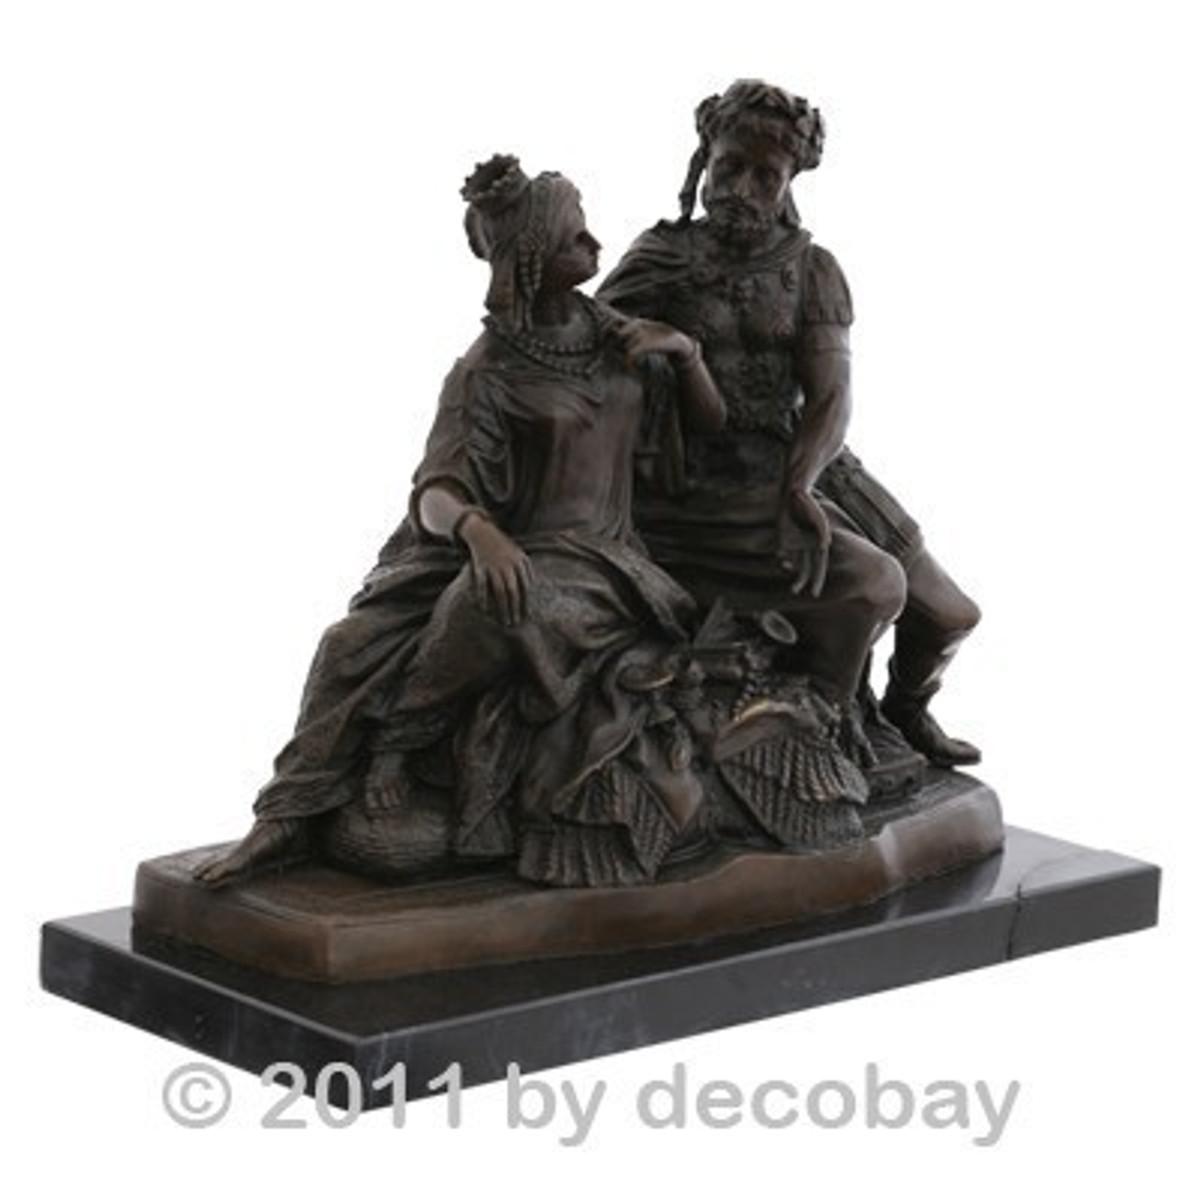 Wohnen und dekorieren Königin Feldherr Bronzefigur mit kunstfertiger Szene aus der römischen Antike als edle Gartendeko.